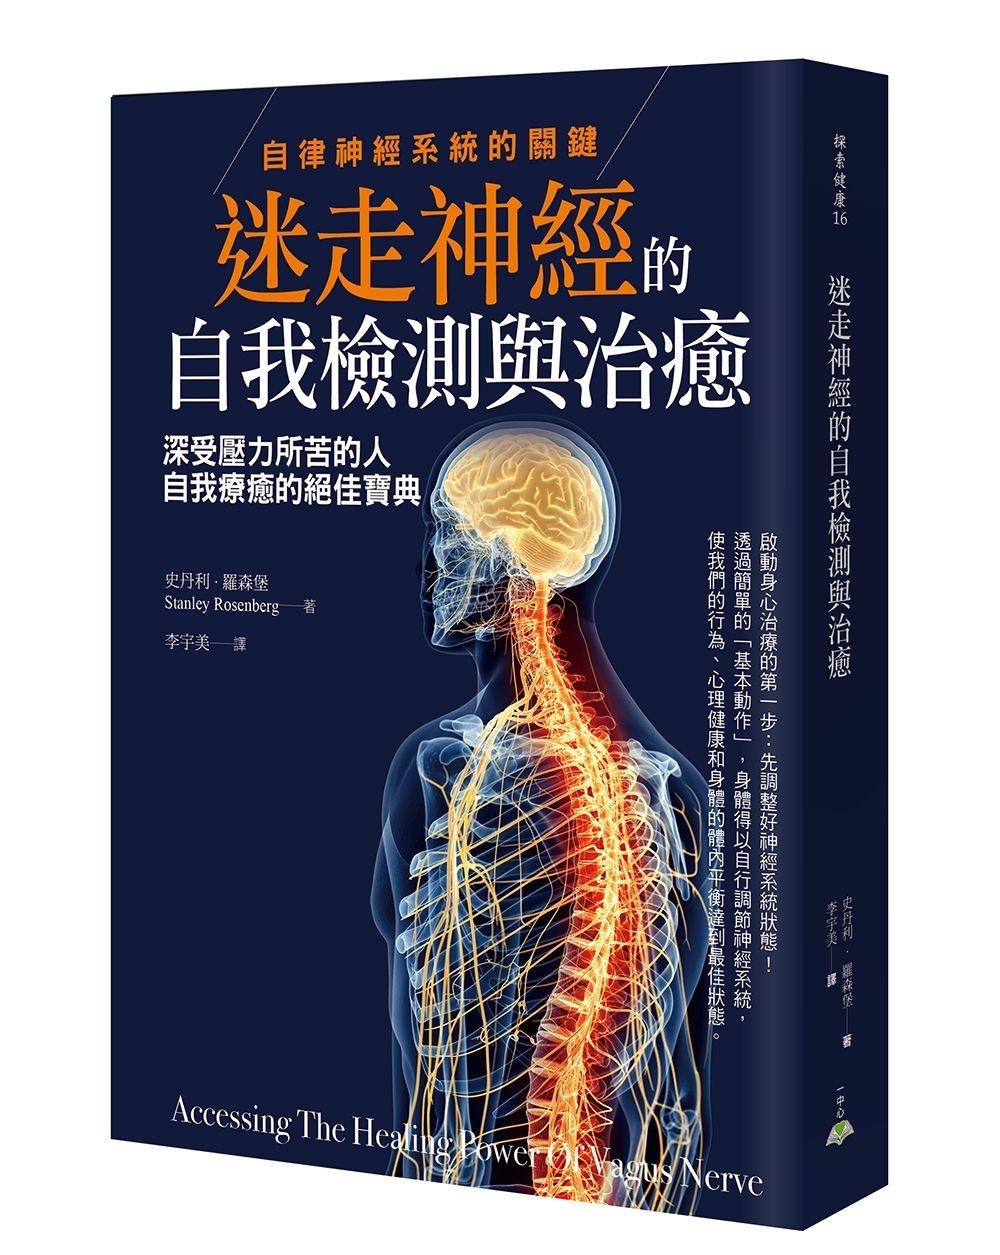 迷走神經的自我檢測與治癒:自律神經系統的關鍵,深受壓力所苦的人自我療癒的絕佳寶典